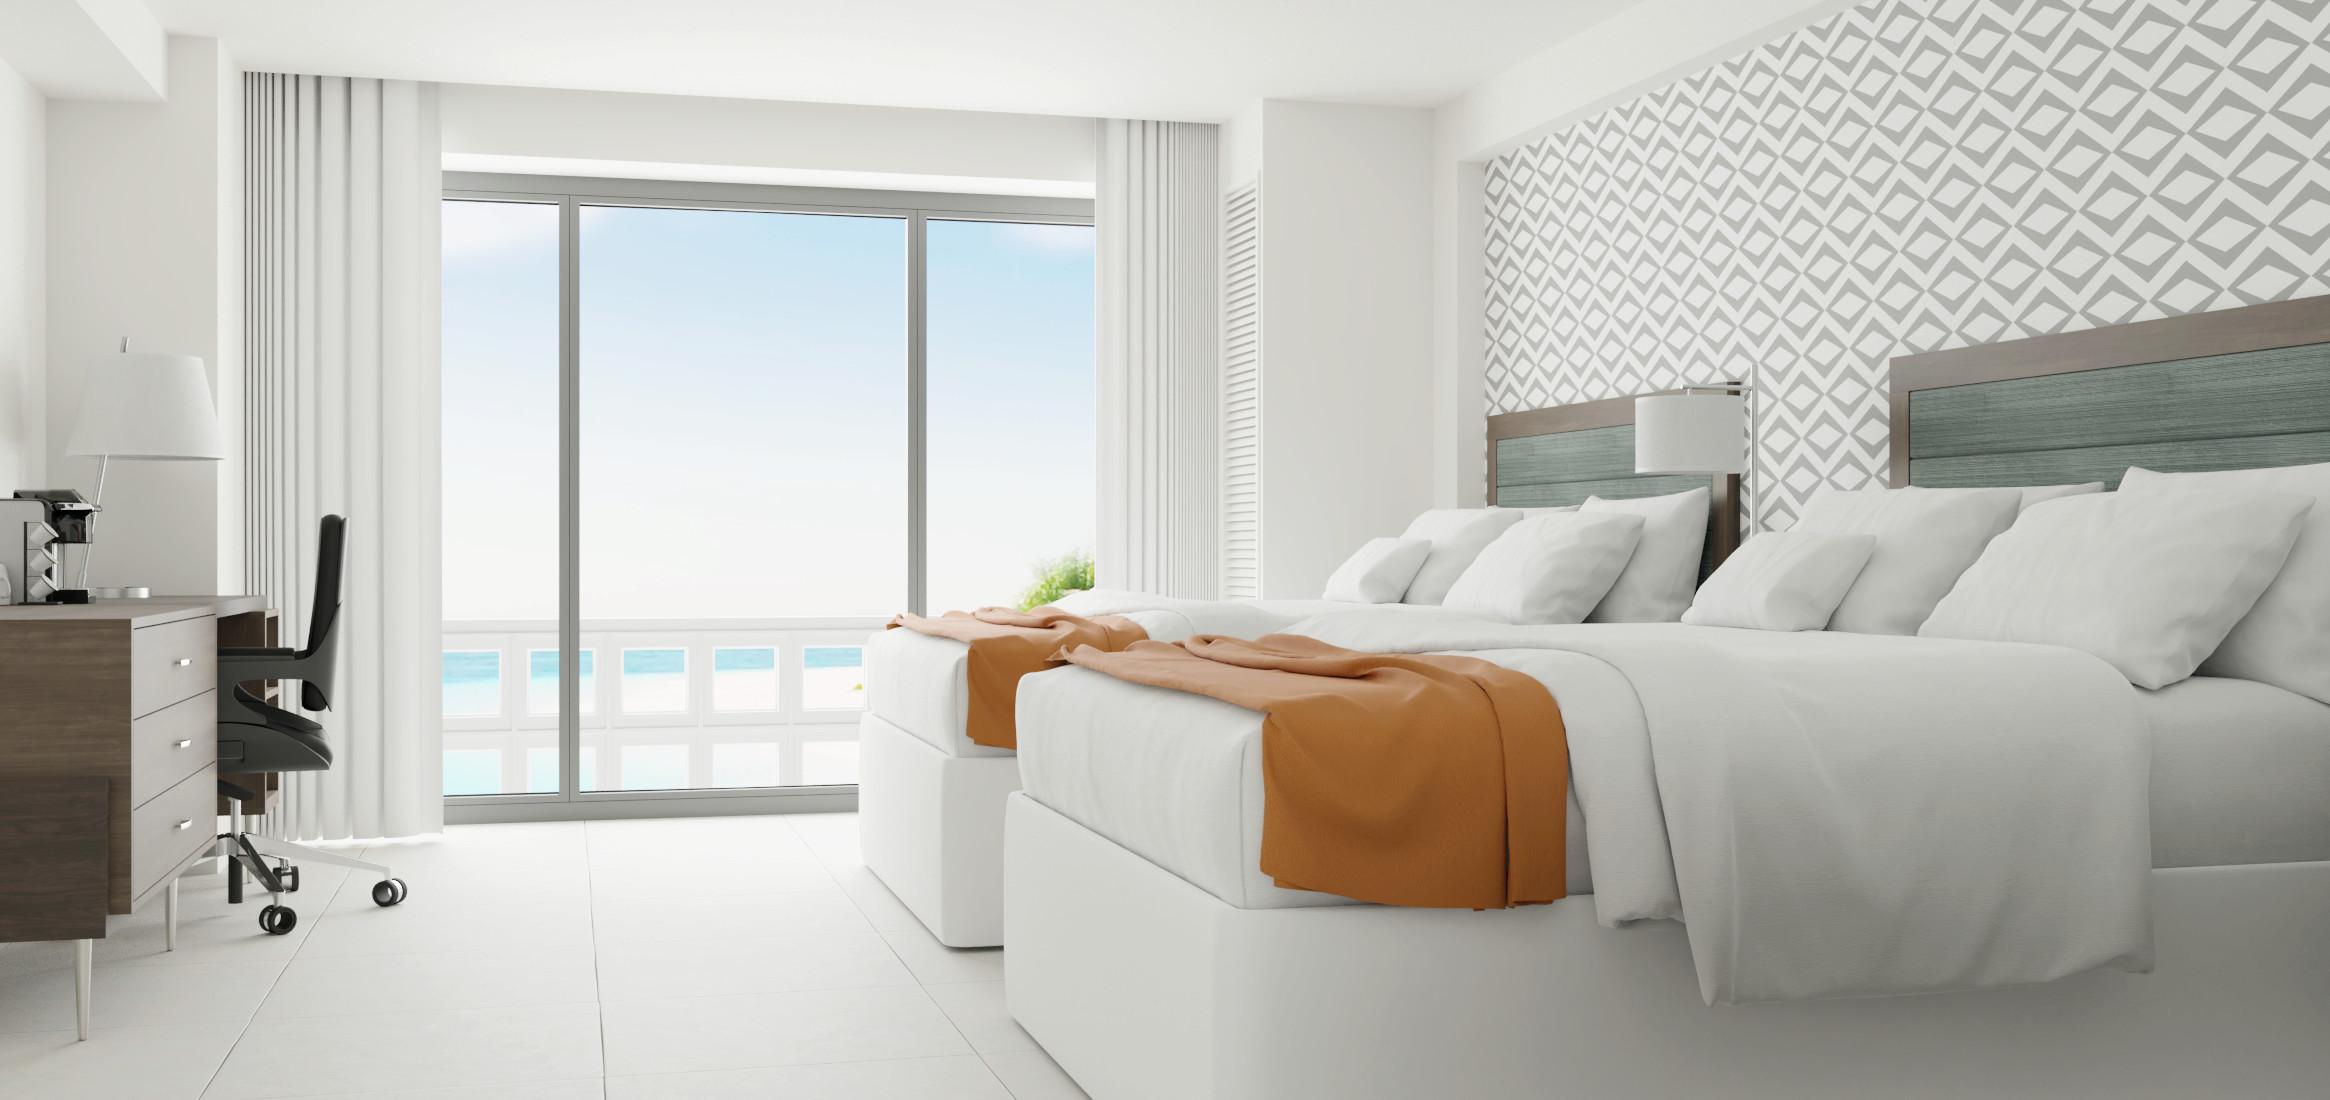 room-scene-4.jpg